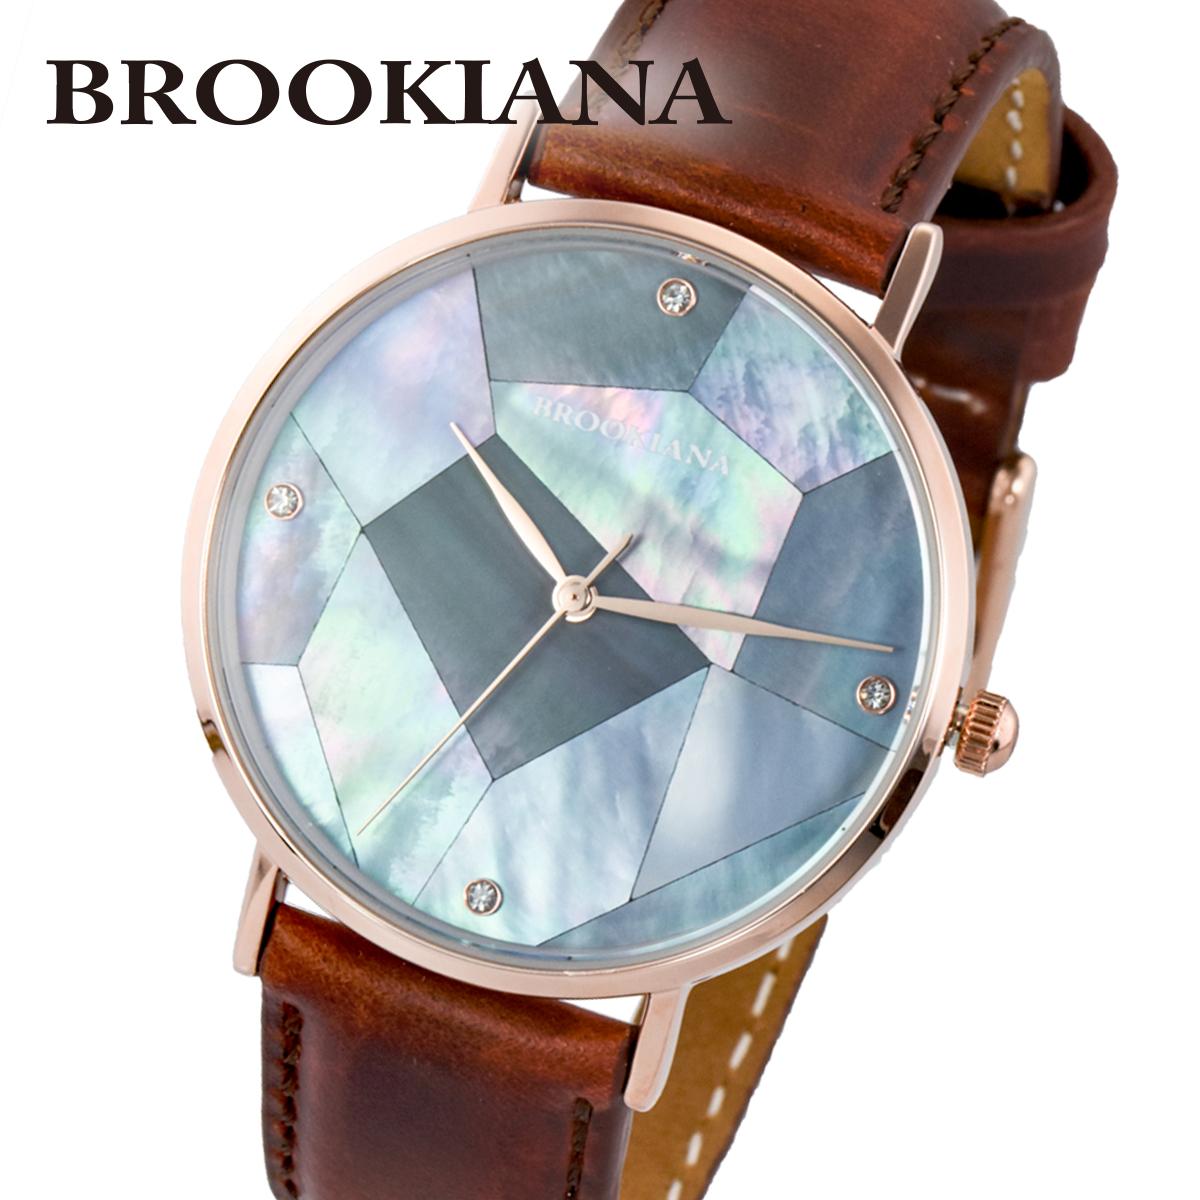 【全品送料無料】 ブルッキアーナ BROOKIANA ROUND SLIM PEARL BA3101-RPBLBR メンズ 時計 腕時計 クオーツ